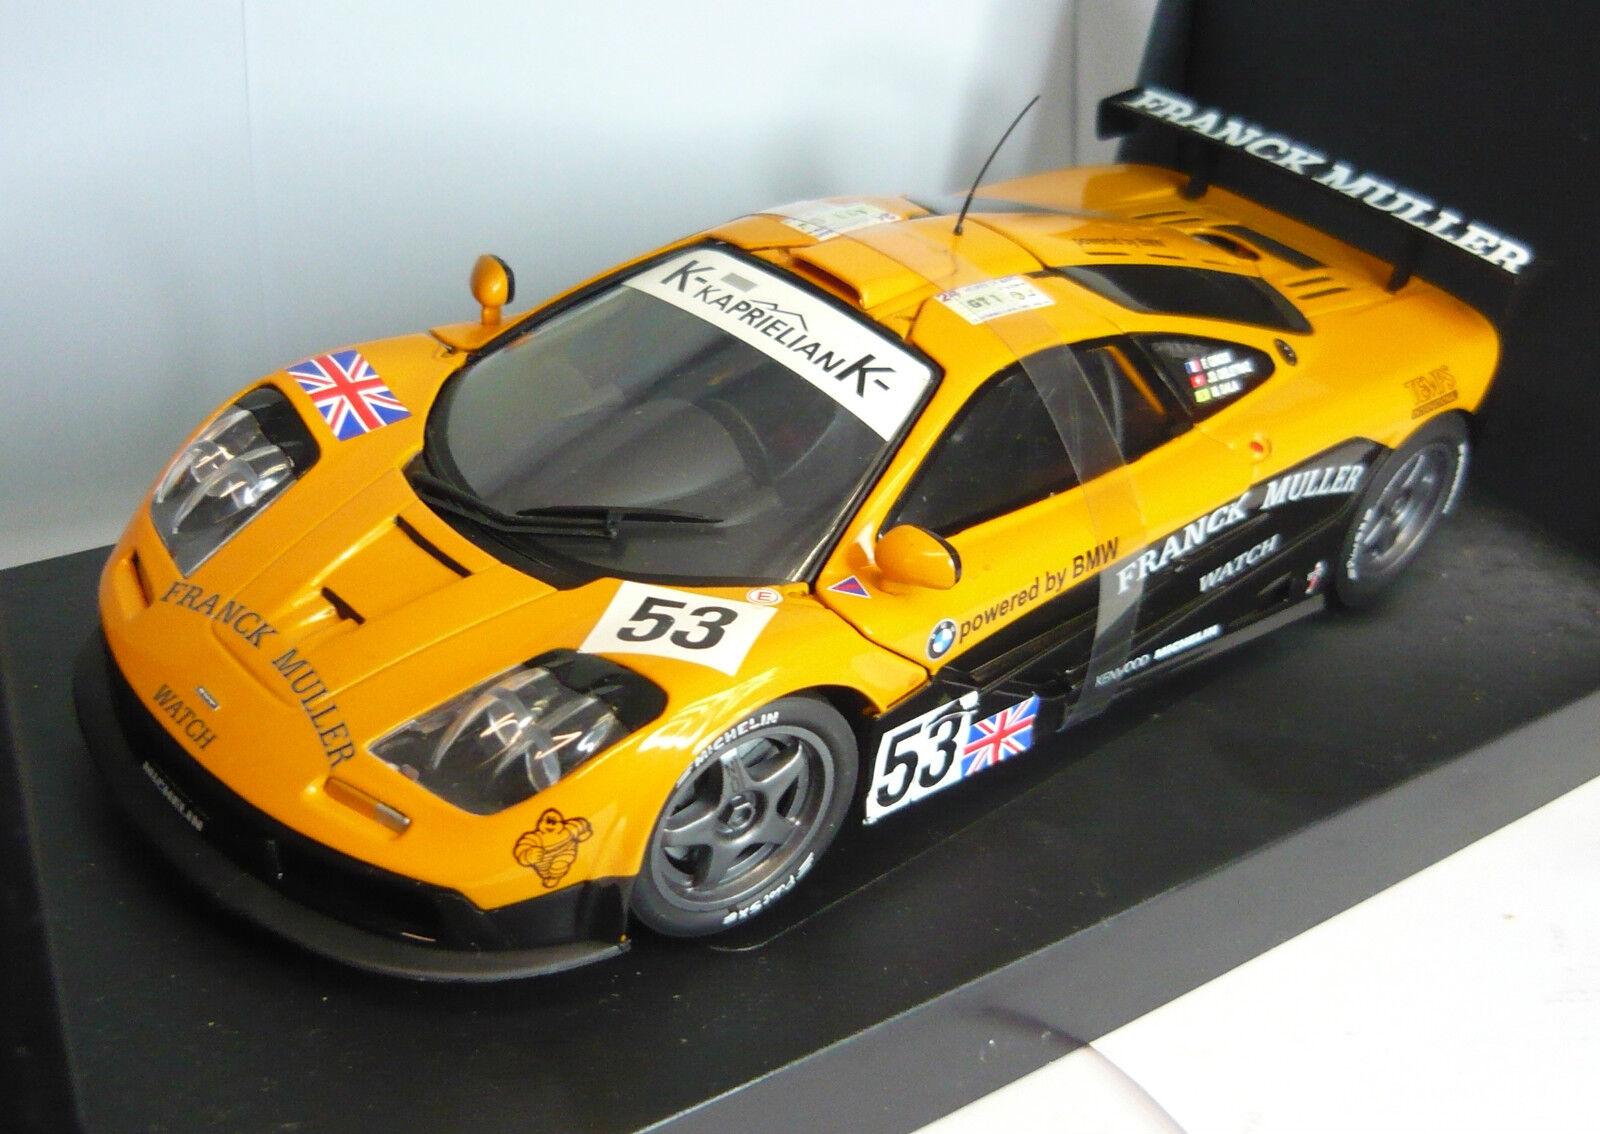 39622 mclaren f1 - modelle   53 gtr 1996 giroix   deletraz   sala, rar, 1   18 neu & ovp